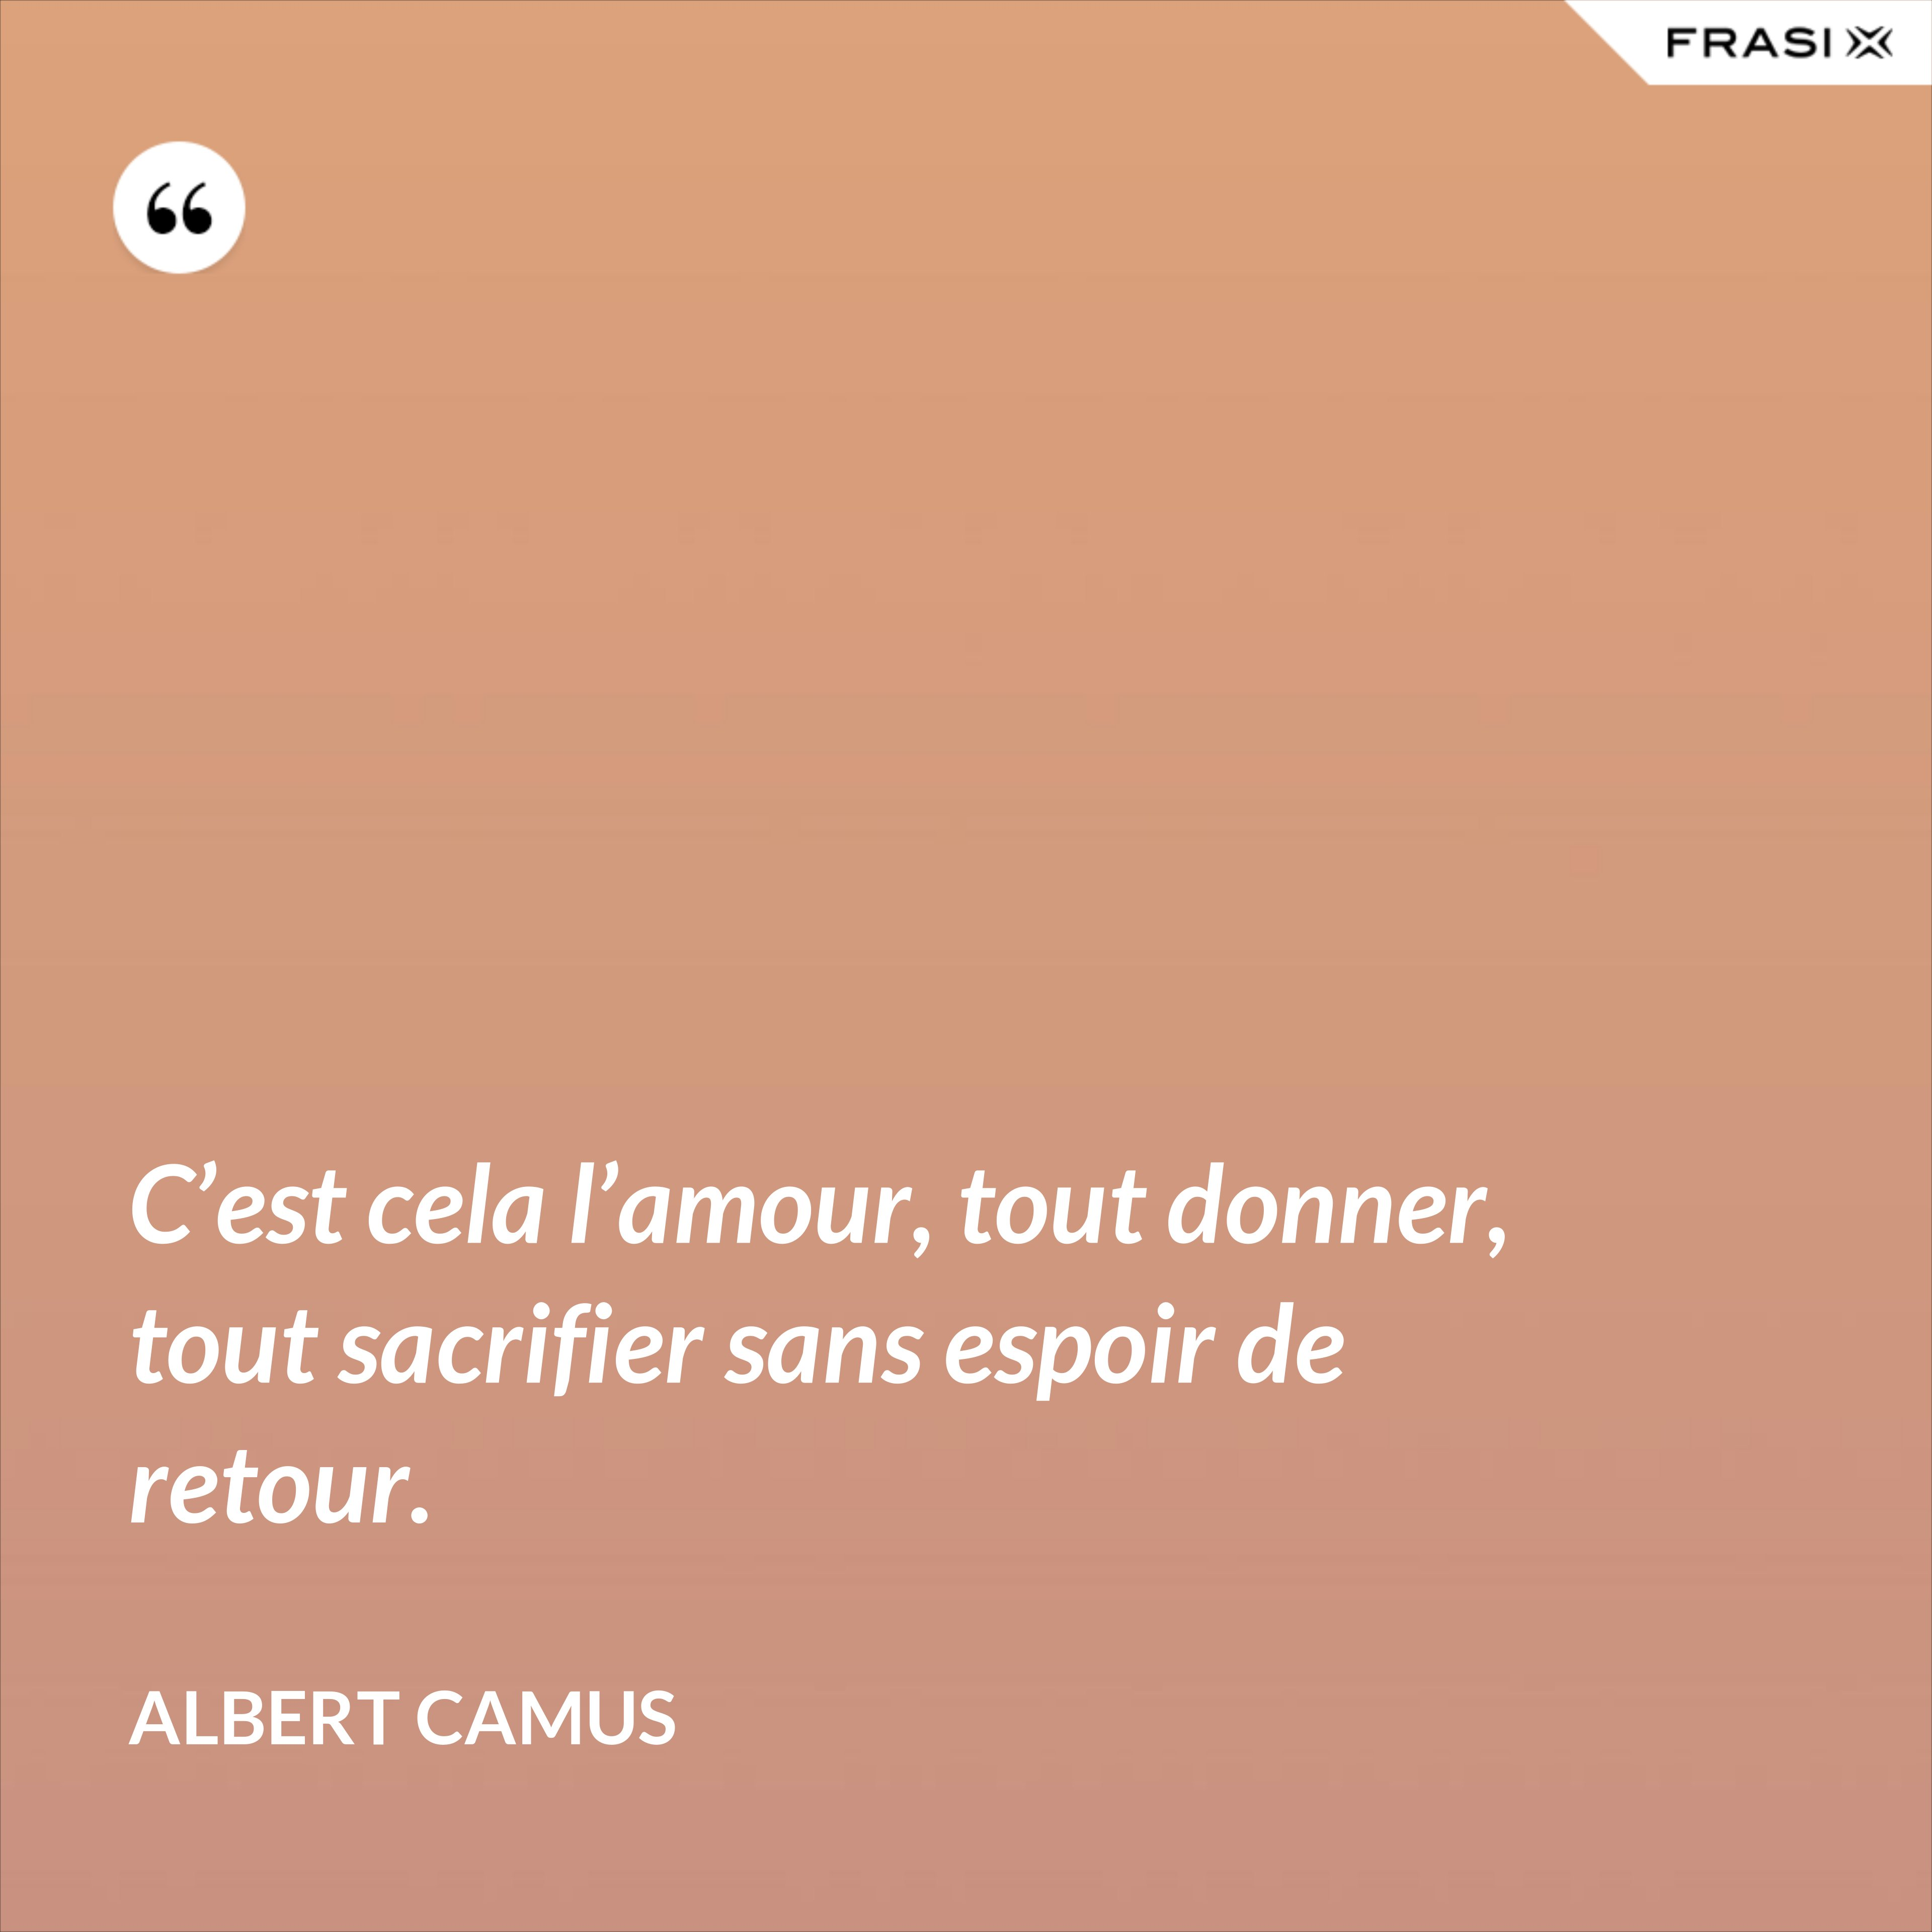 C'est cela l'amour, tout donner, tout sacrifier sans espoir de retour. - Albert Camus